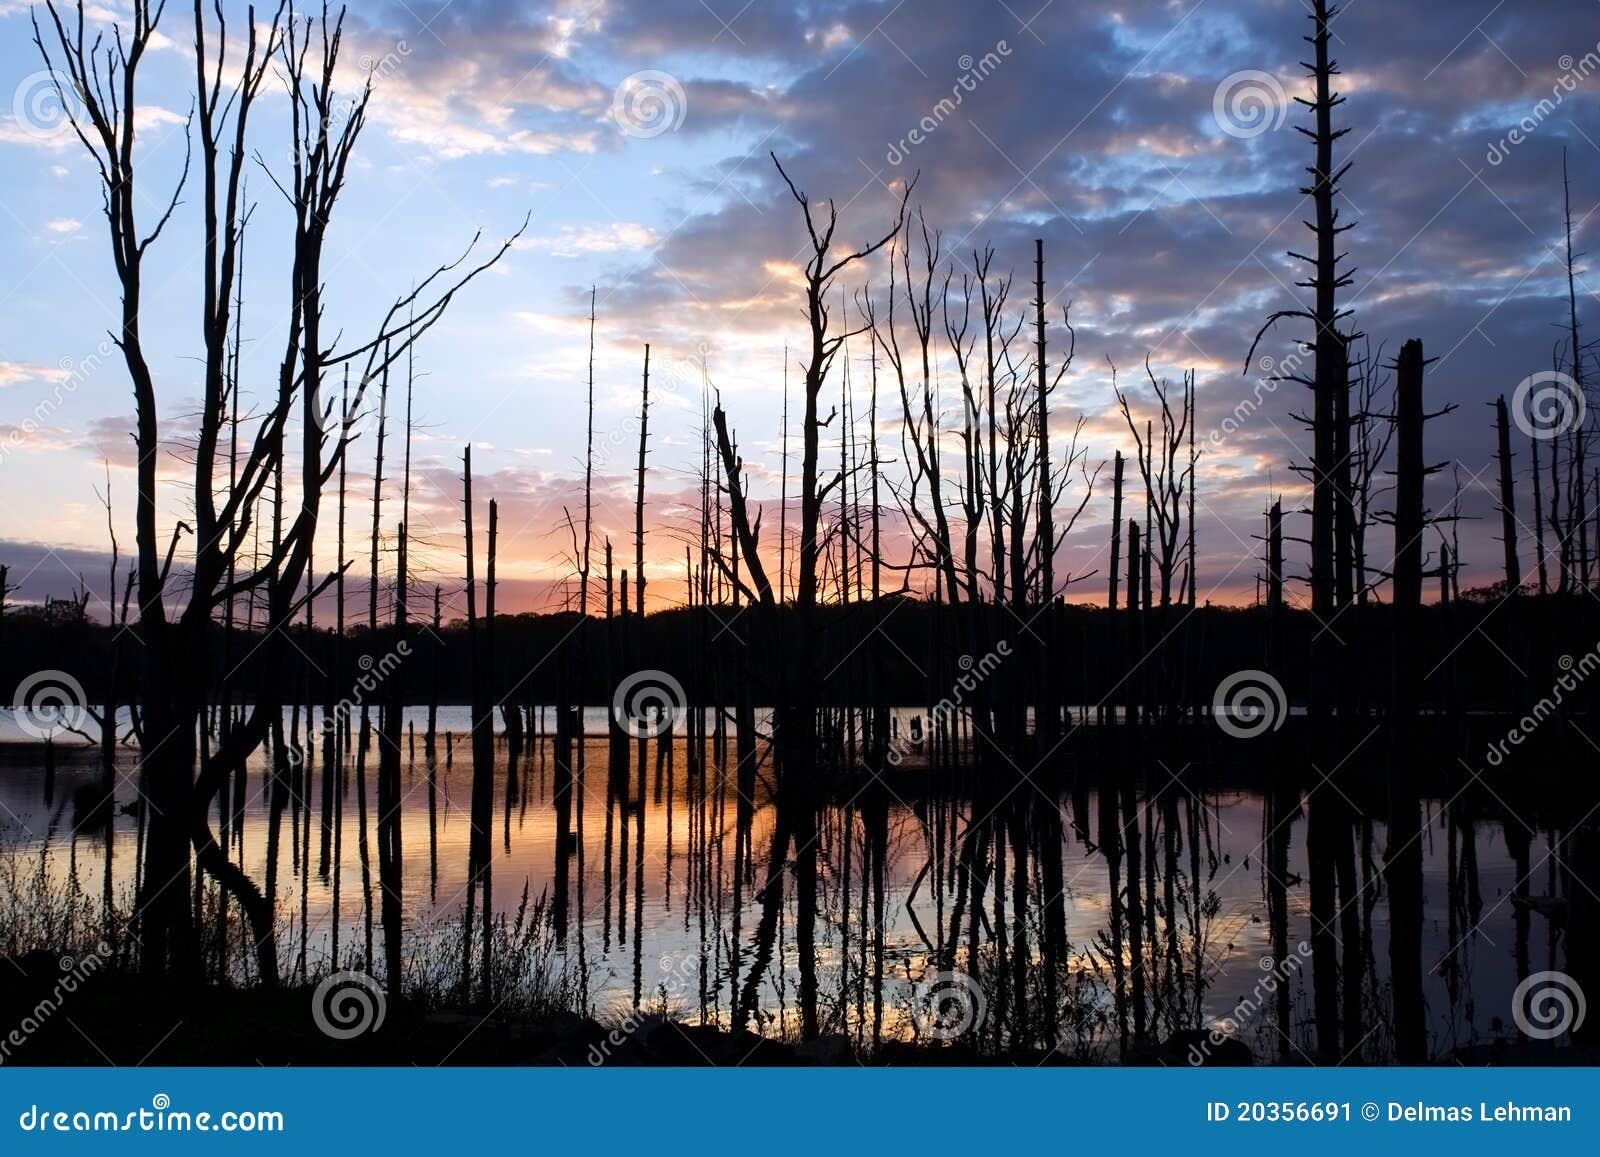 Sunrise At Shaggers Inn Dam Stock Image